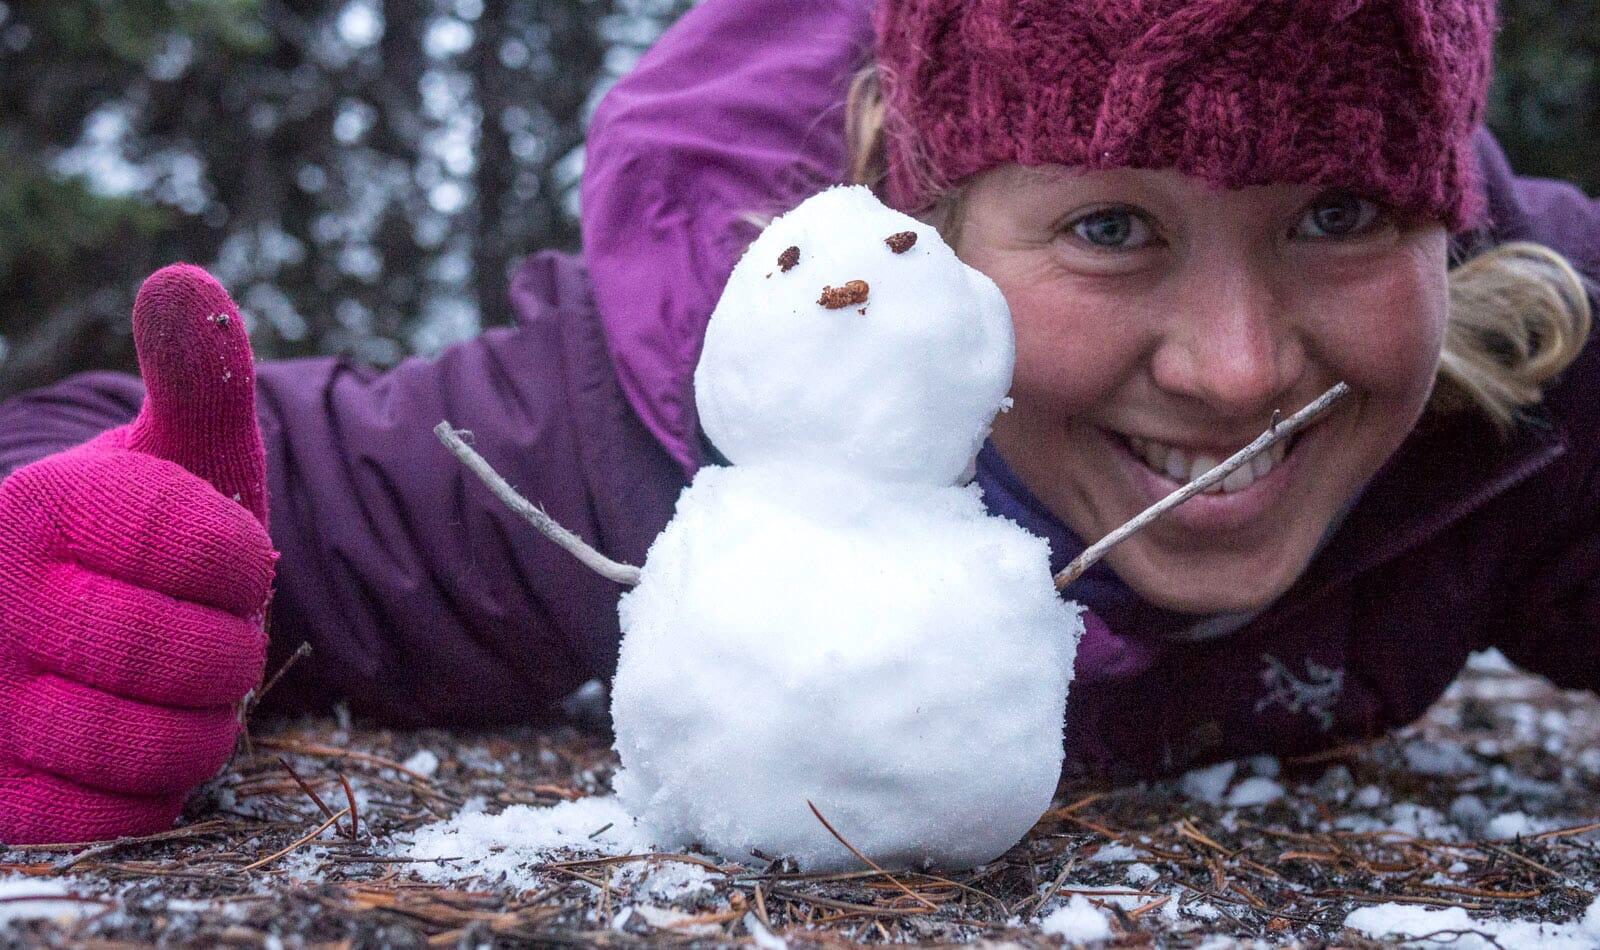 Megamoon snowman